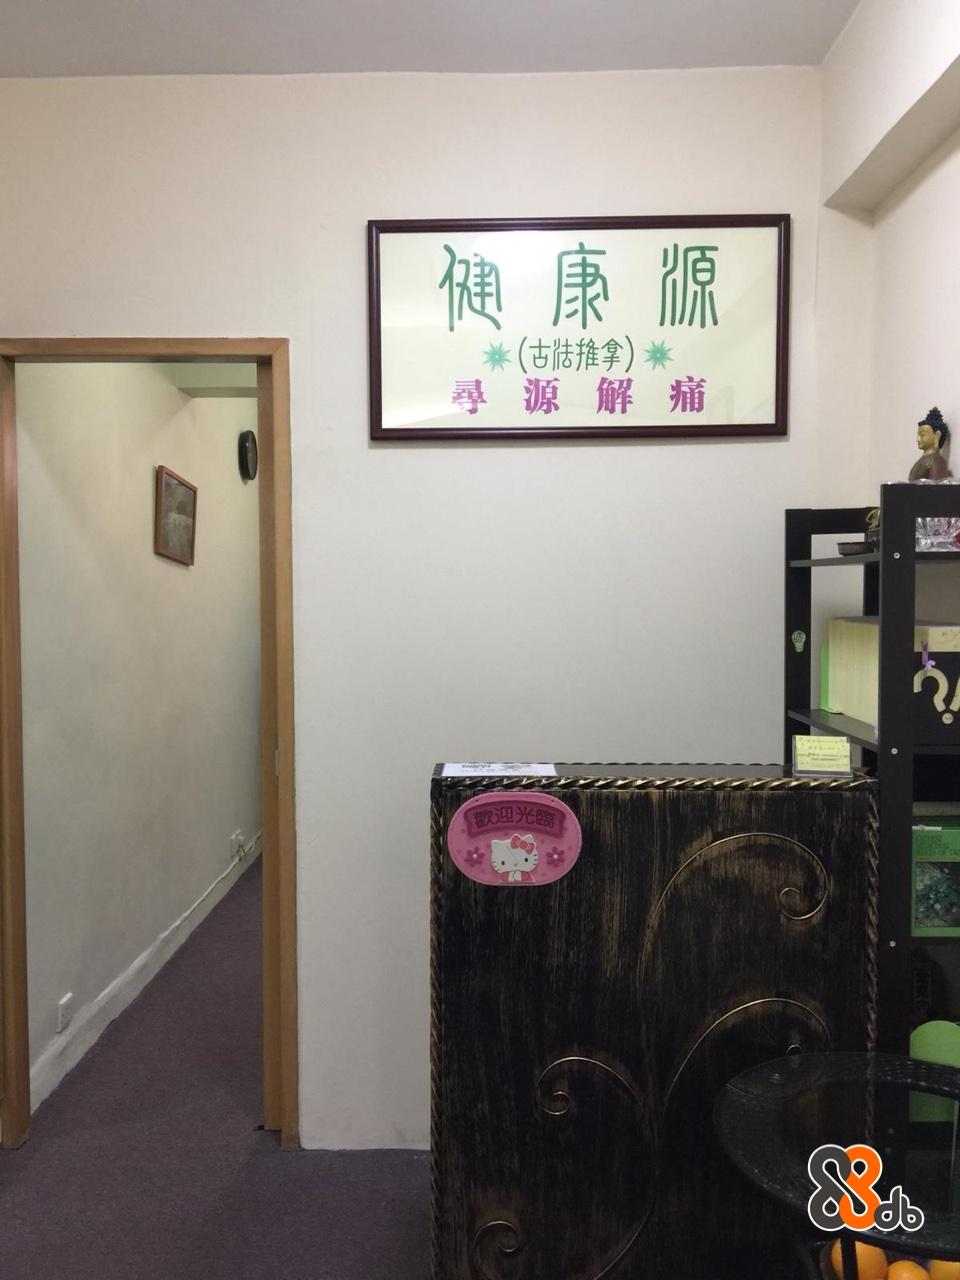 尋源解痛  room,wall,interior design,product,